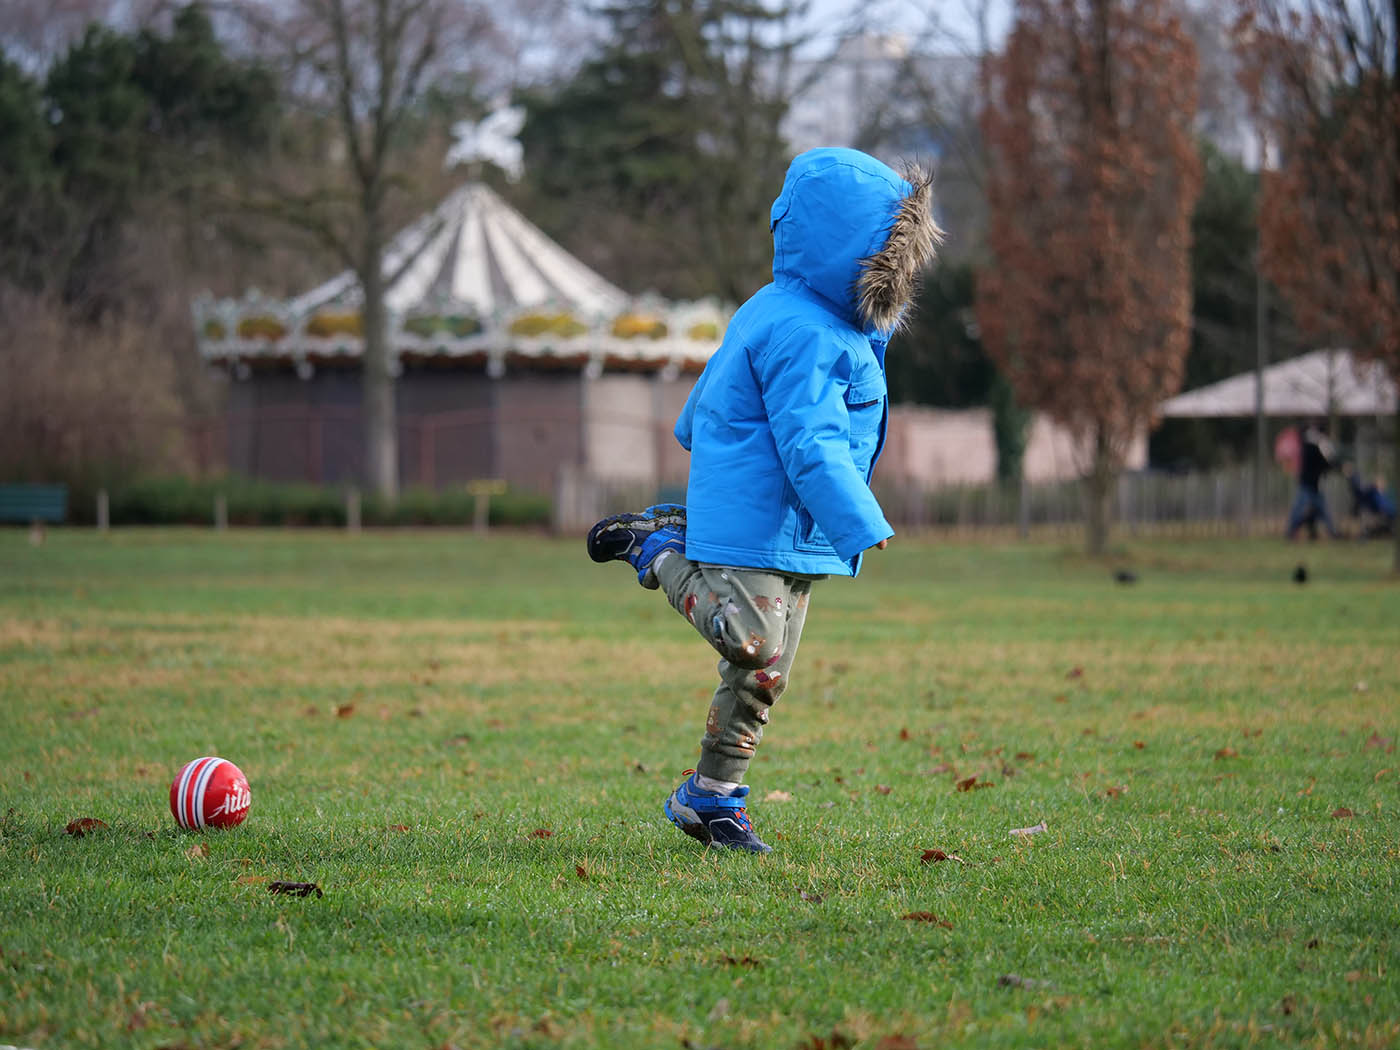 photo de sport prise avec Panasonic Leica 100-400 mm